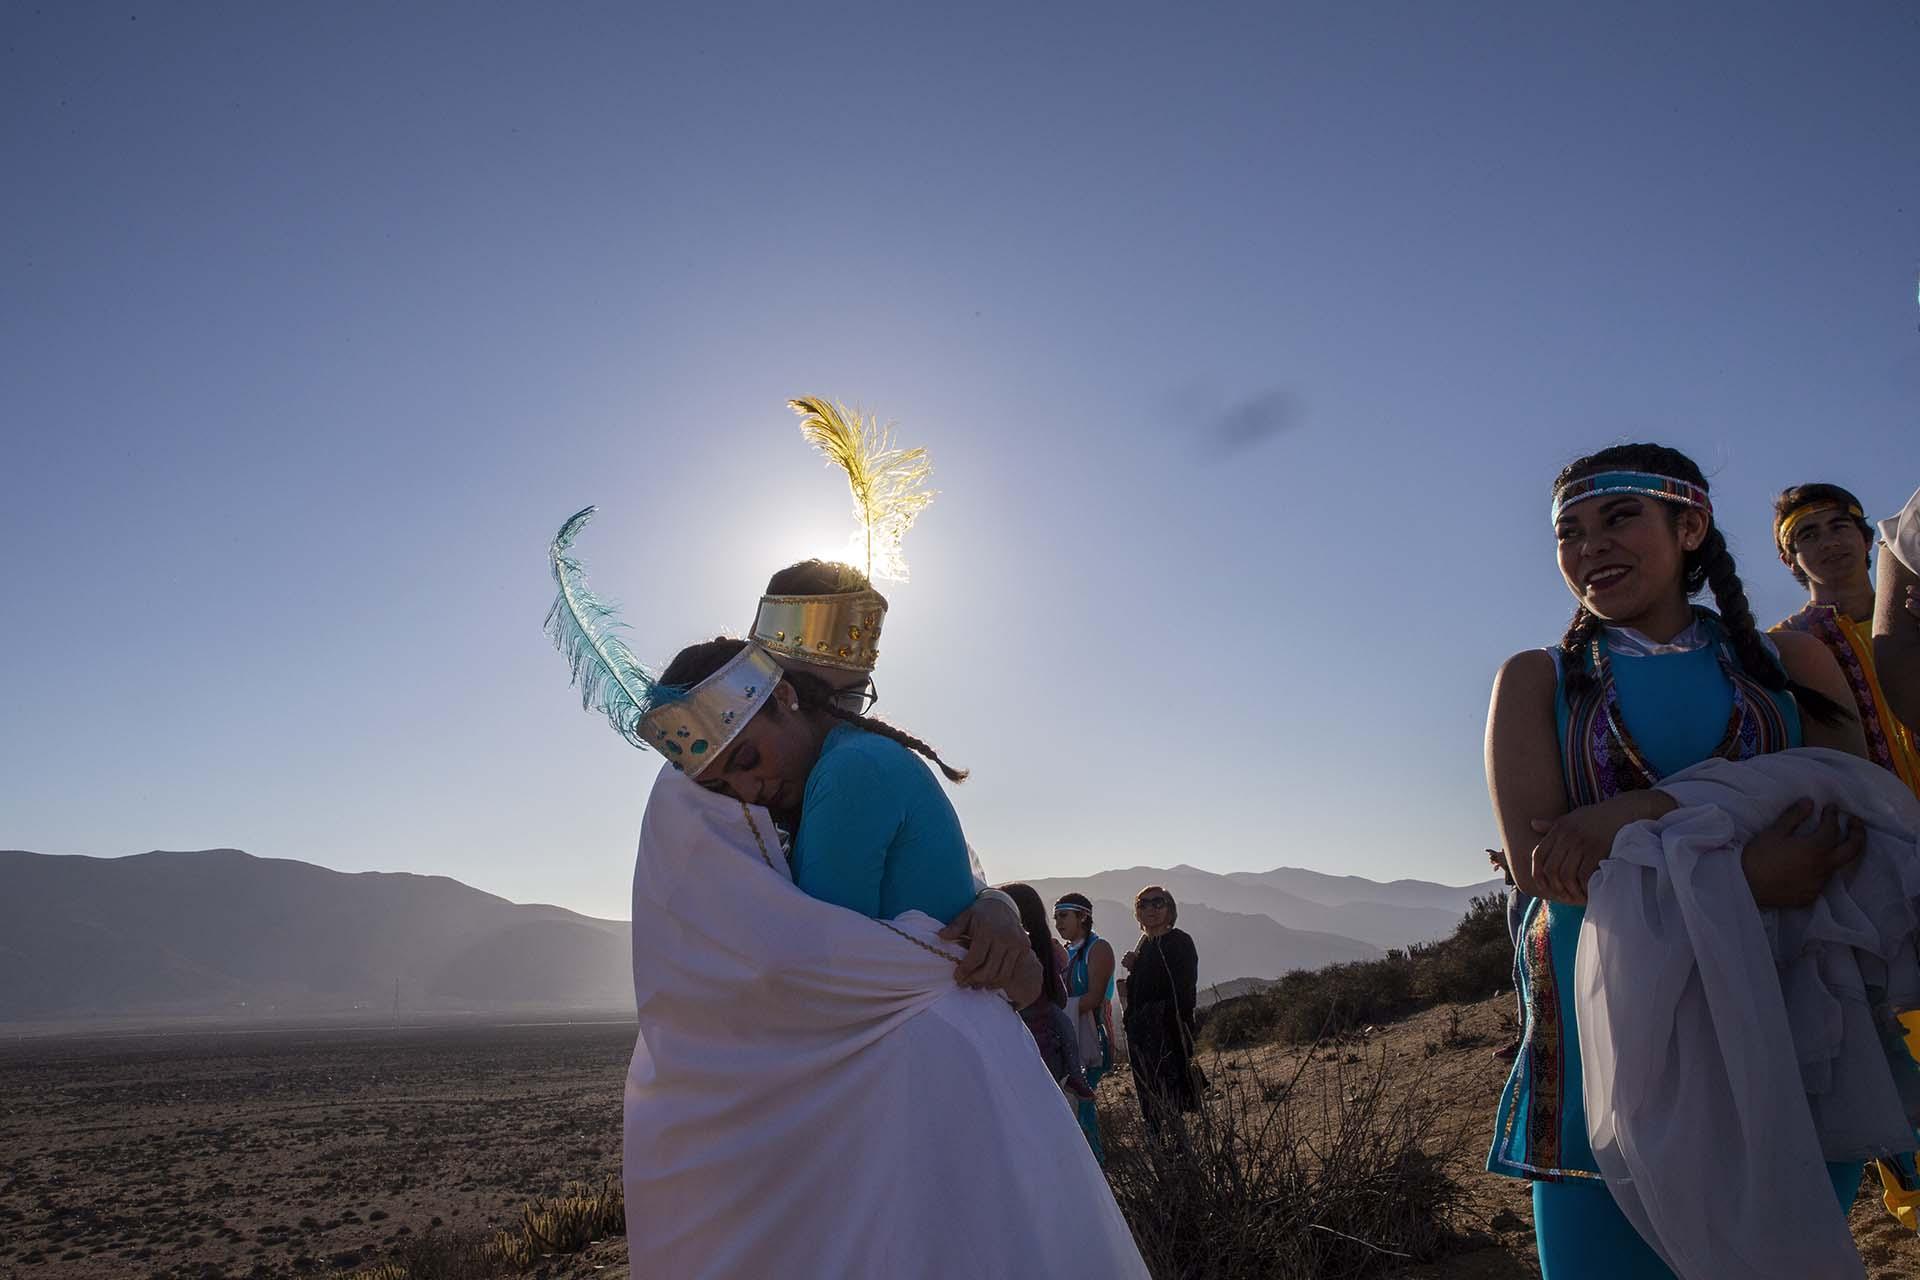 Niñas vestidas como la Princesa Sol y la Princesa Luna llegaron el lunes 1 de julio de 2019 a La Higuera, Chile, para una sesión de fotos antes del eclipse total de sol (AP Photo/Esteban Felix)